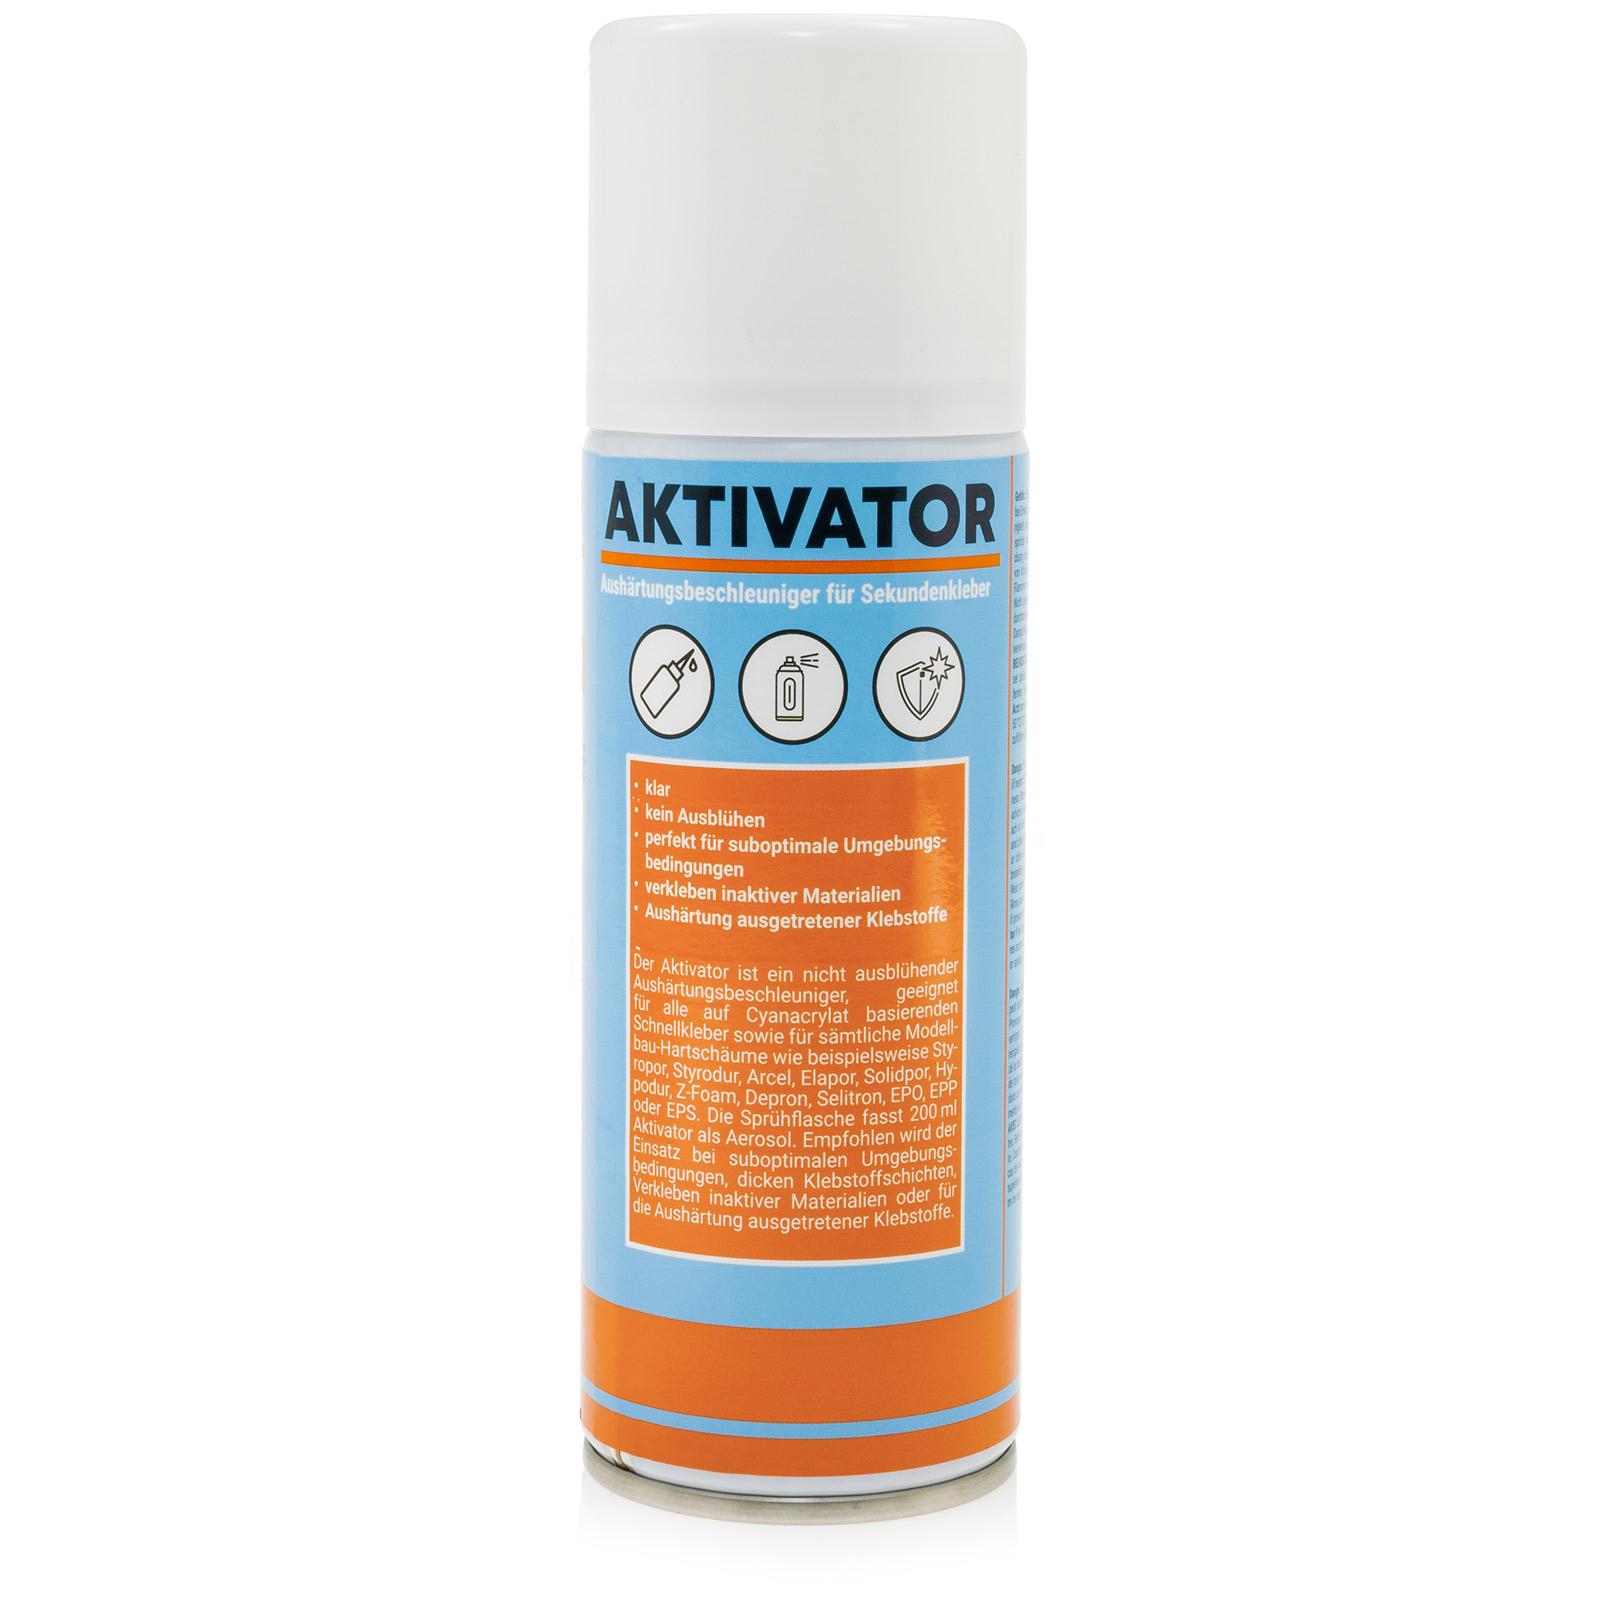 Aktivator Spray Sekundenkleber für Cyanacrylat 200ml Spraydose